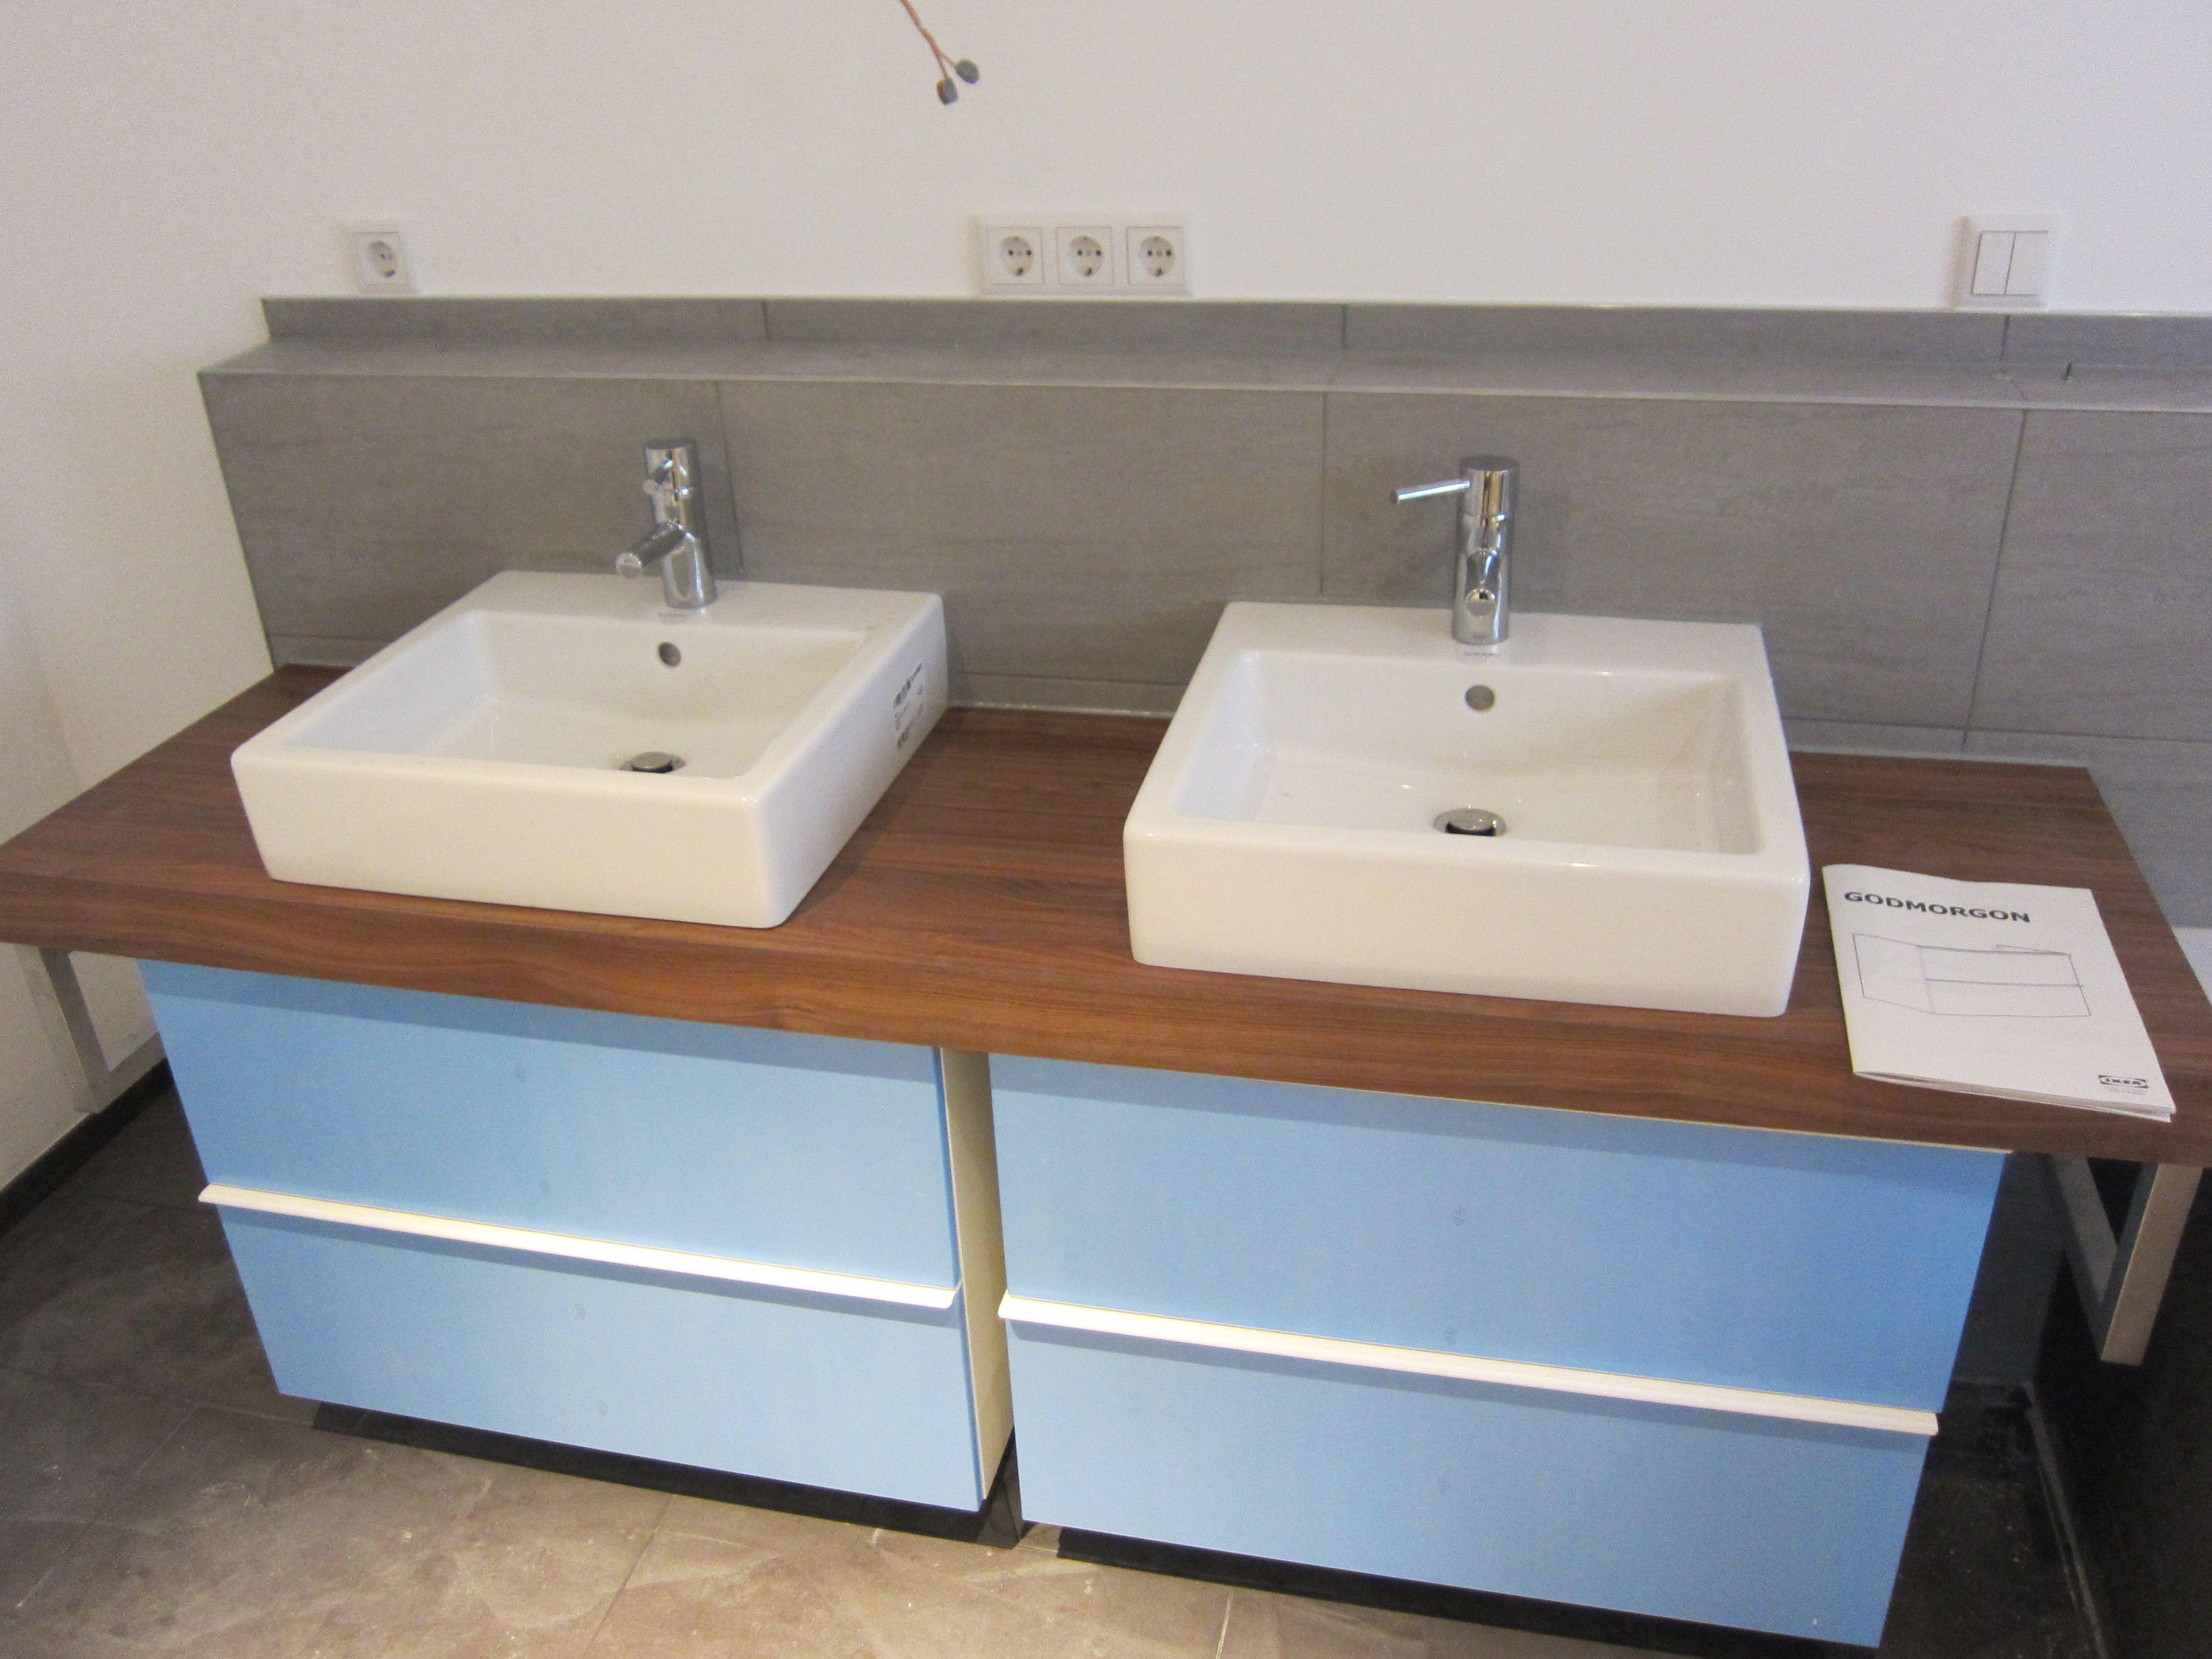 Sanitarobjekte Bw Baublog Unterschrank Badezimmer Unterschrank Ikea Godmorgon